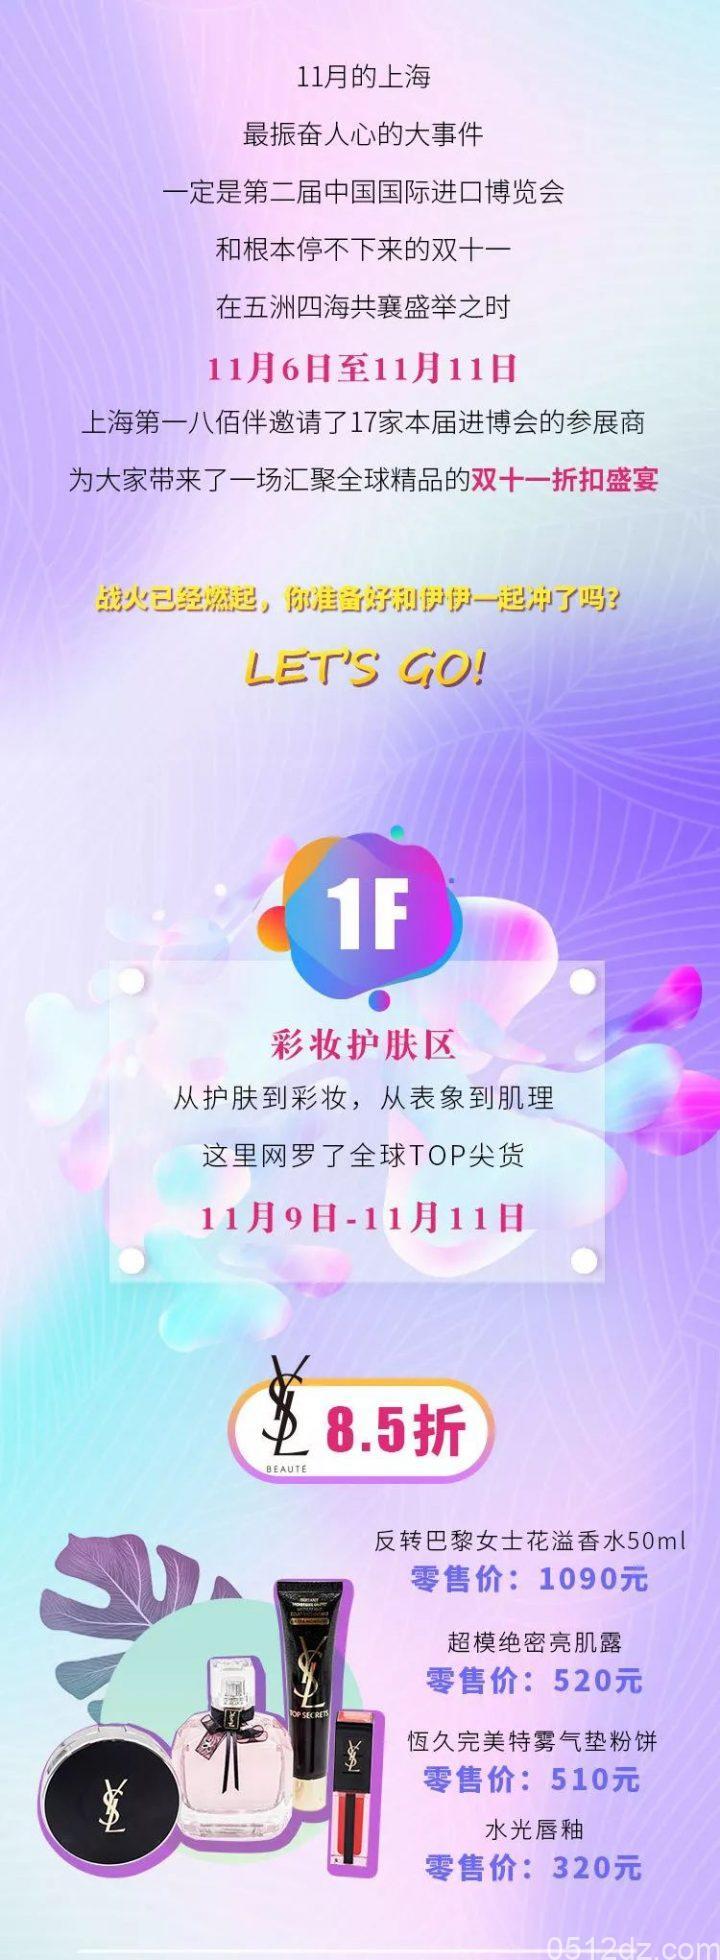 上海浦东第一八佰伴2019双11狂欢购攻略